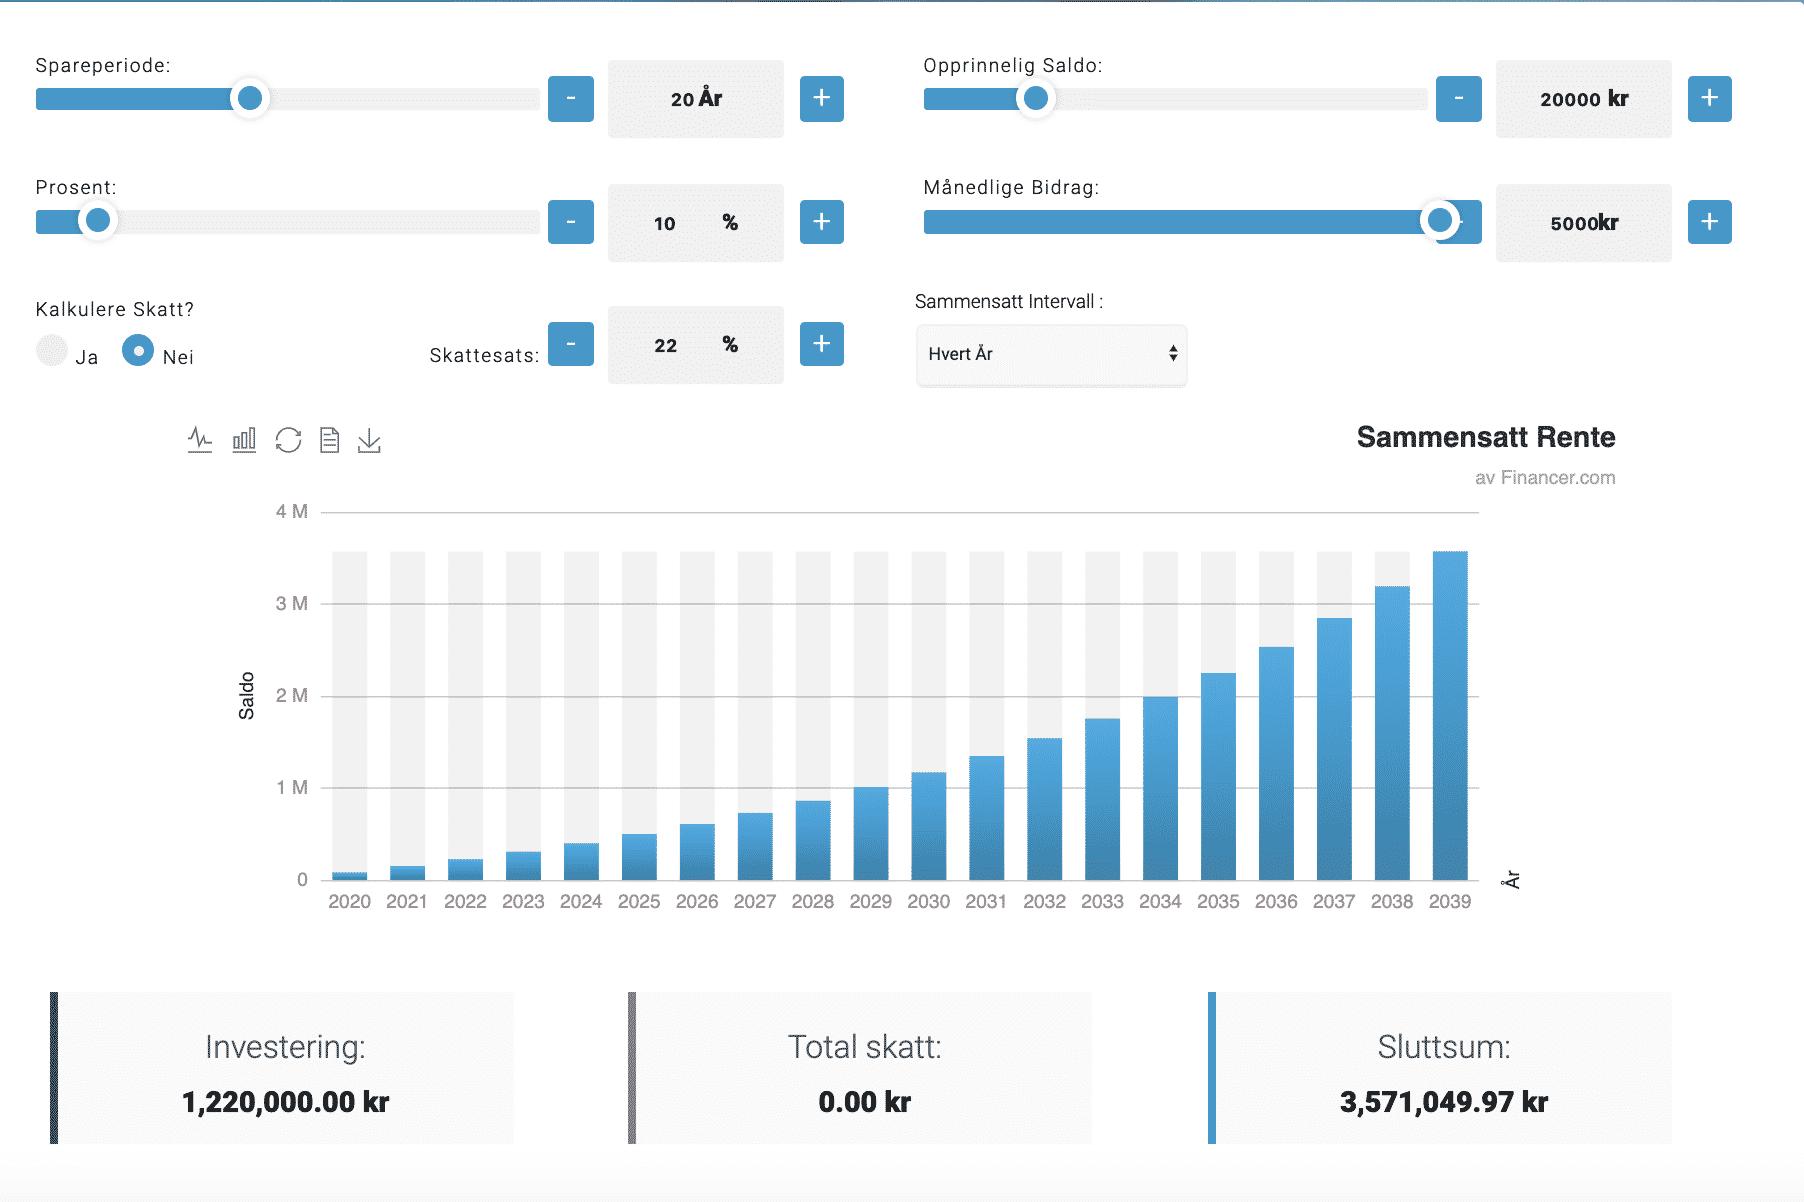 aksjer sparekonto renteeffekt Financer.com